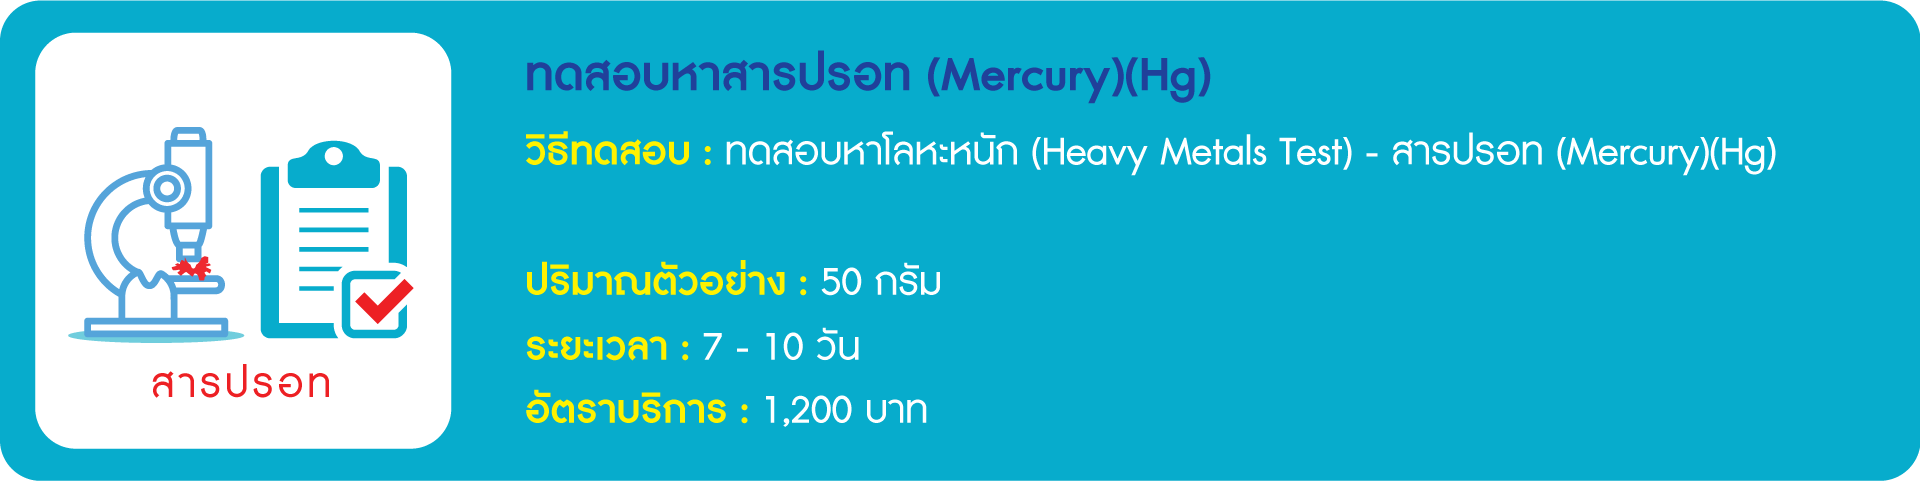 สารปรอท (Mercury)(Hg)